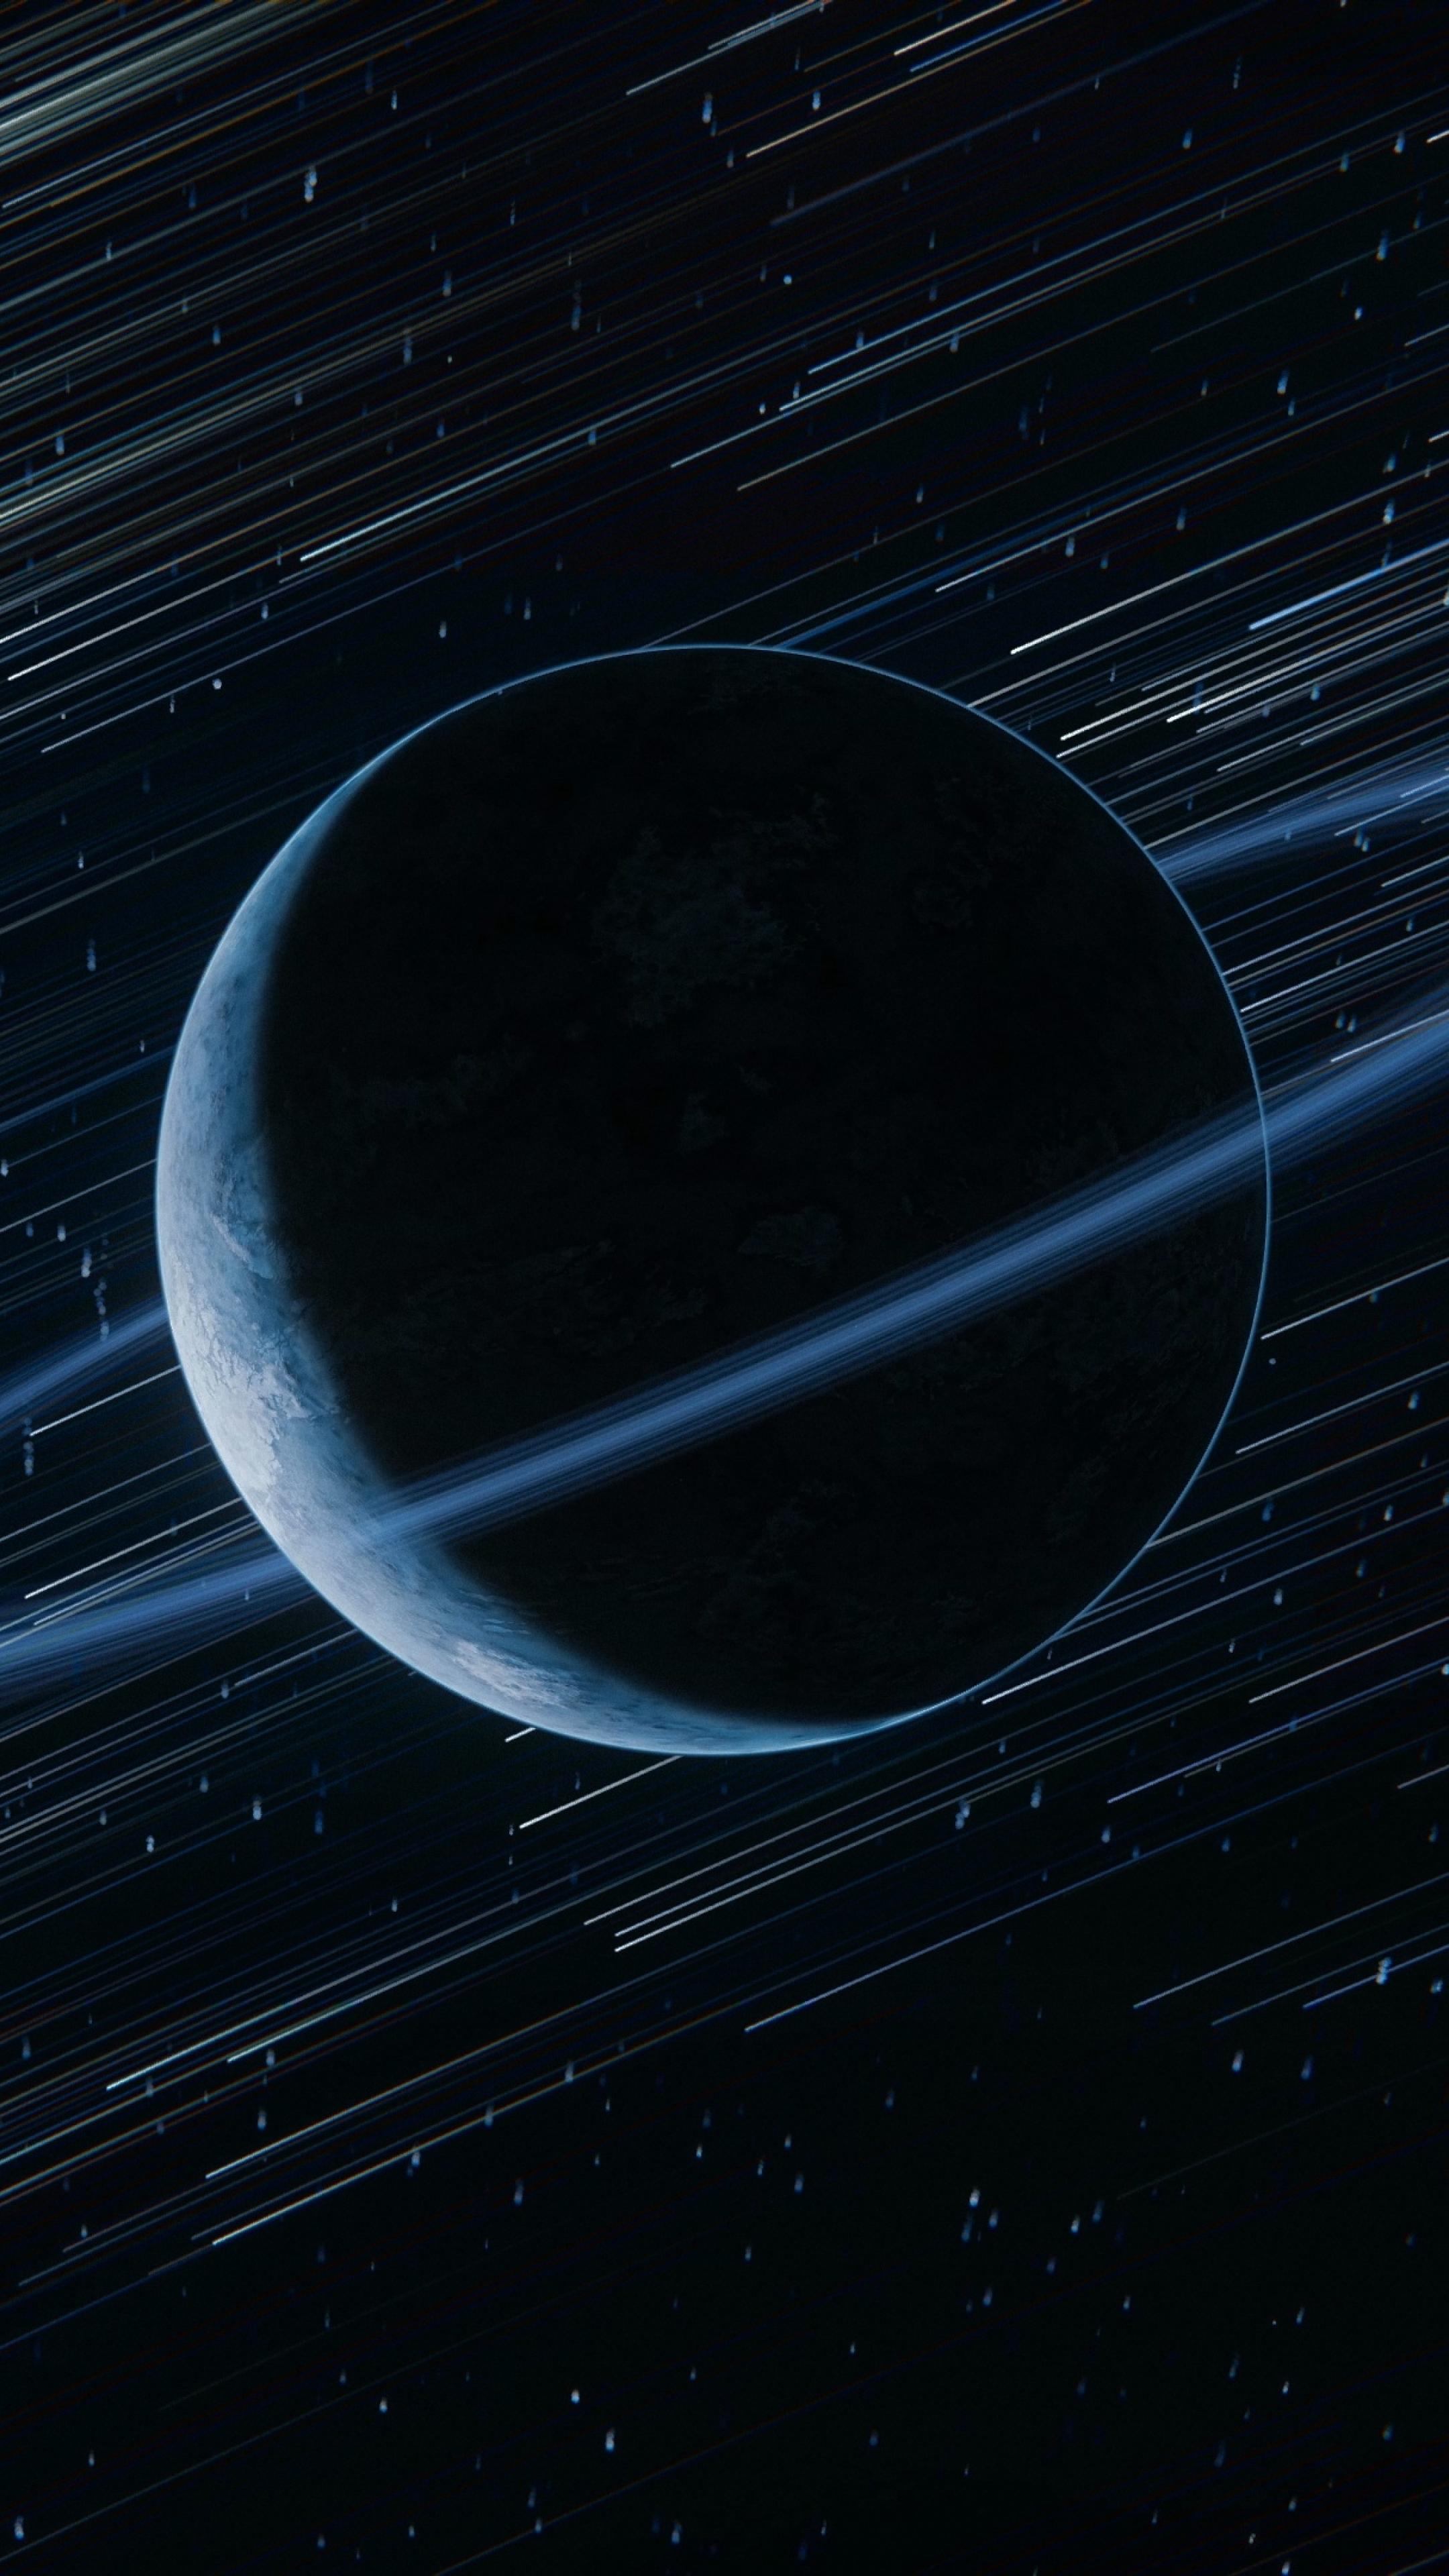 2160x3840 Saturn Planet Sony Xperia Xxzz5 Premium